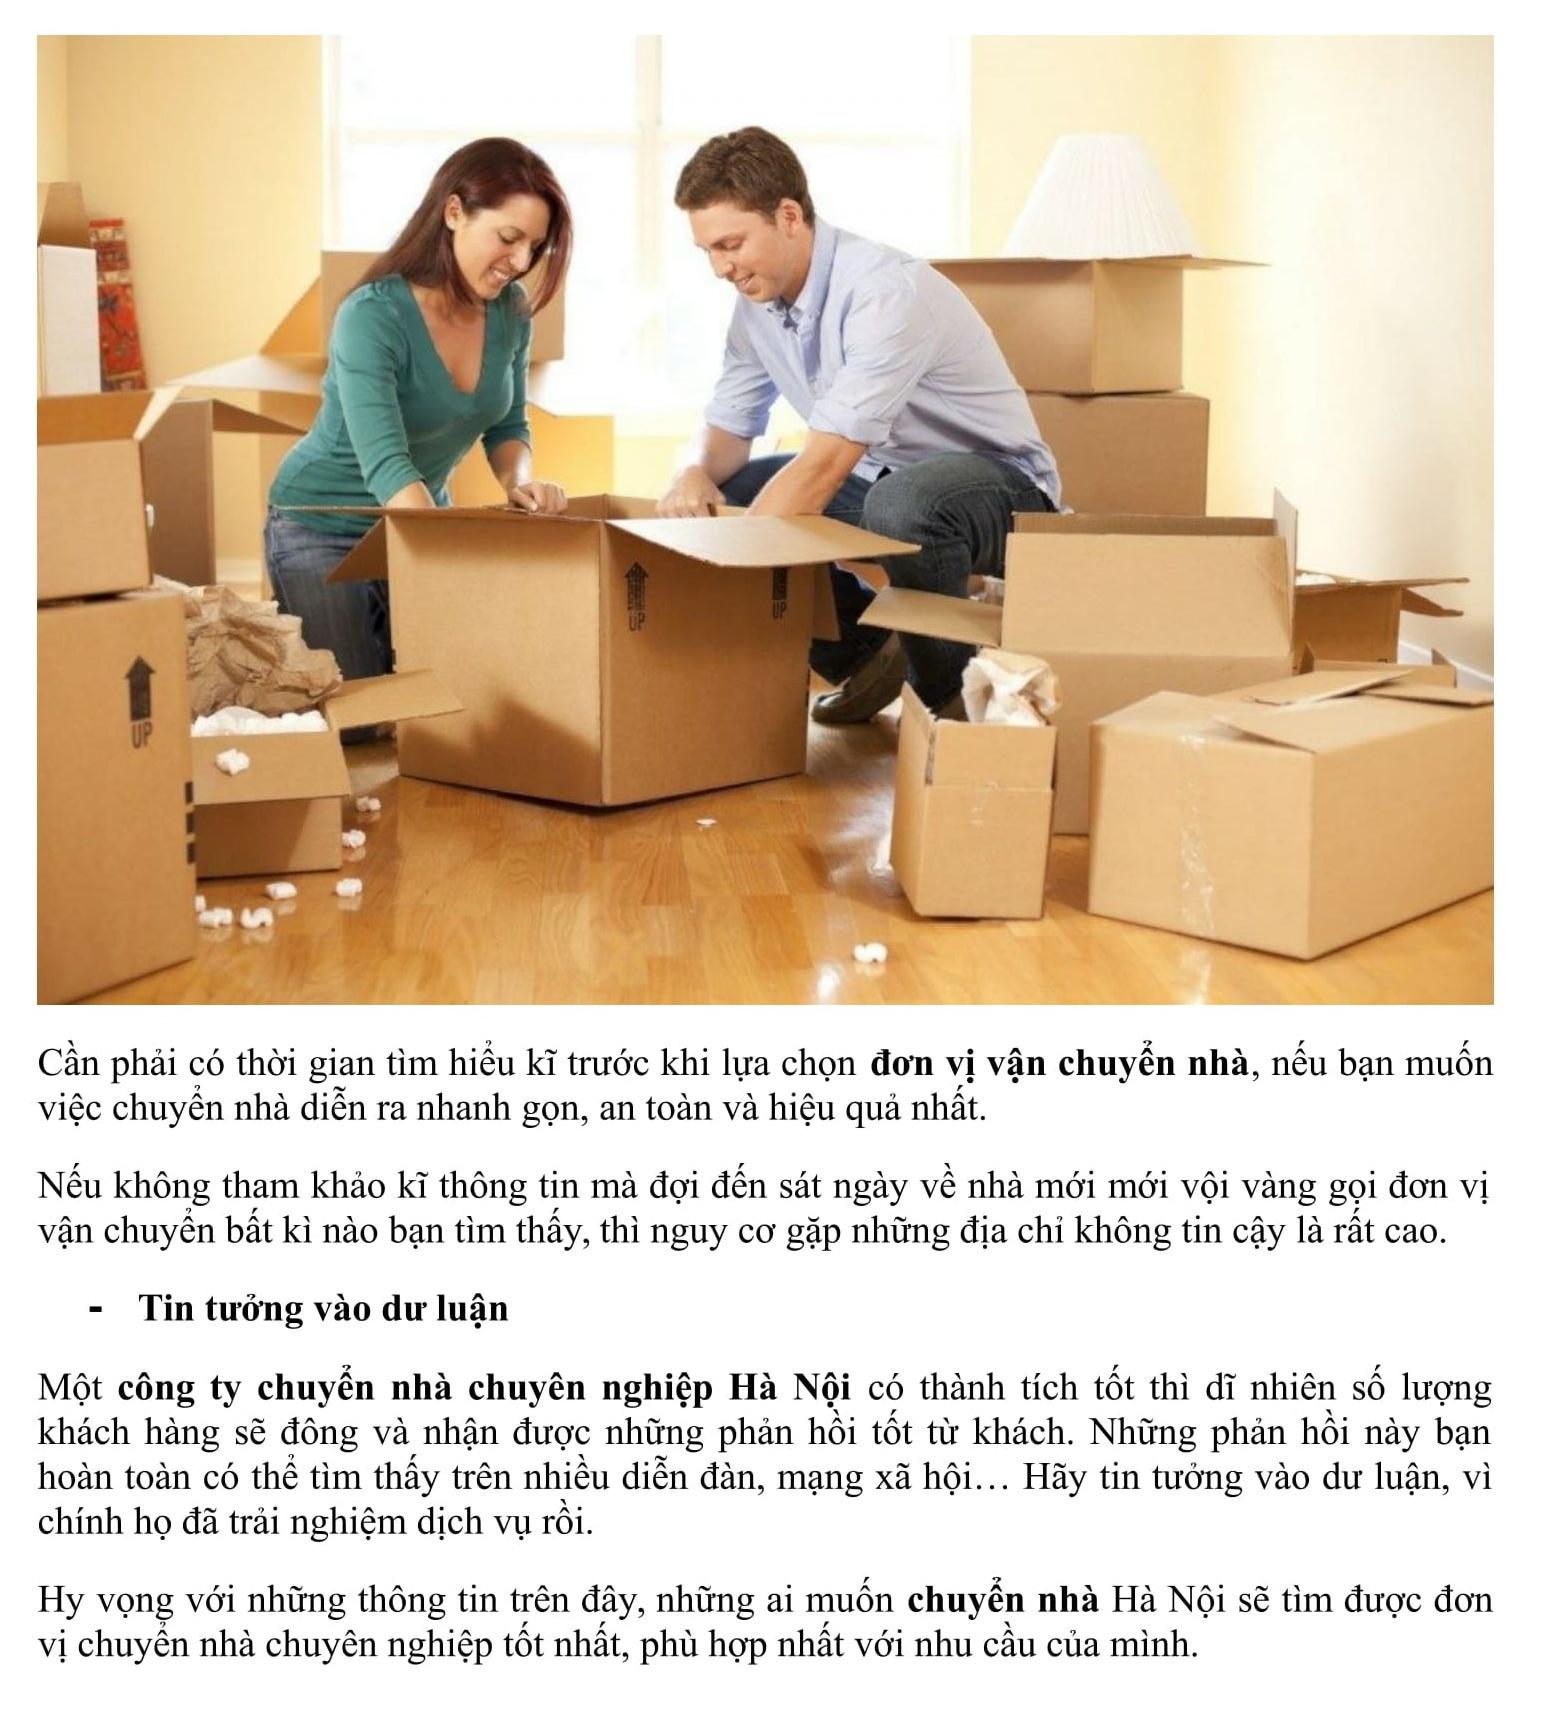 Viết bài chuẩn SEO mẫu lĩnh vực chuyển nhà, chuyển văn phòng, taxi tải,....